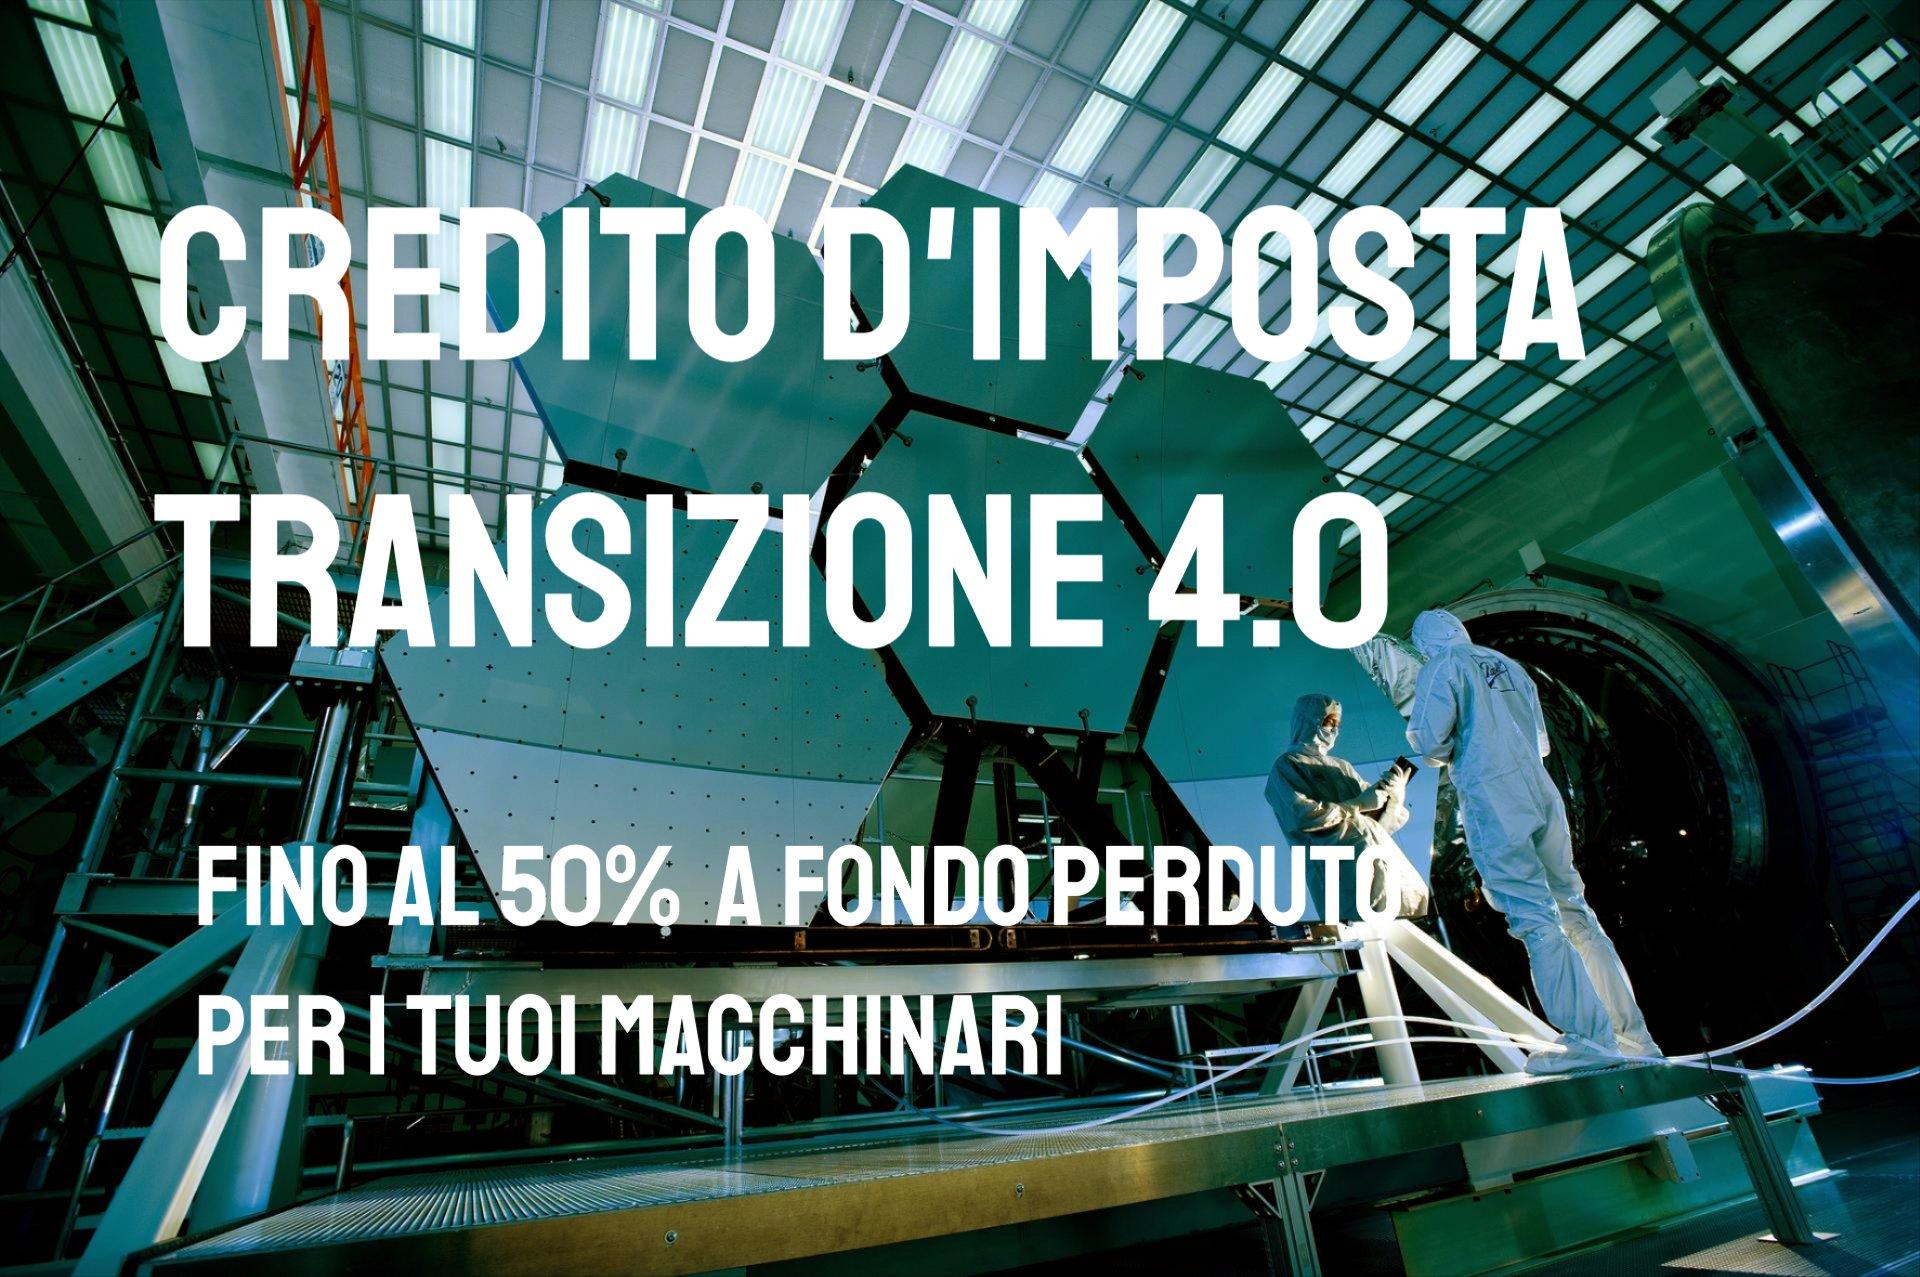 Transizione 4.0 credito d'imposta